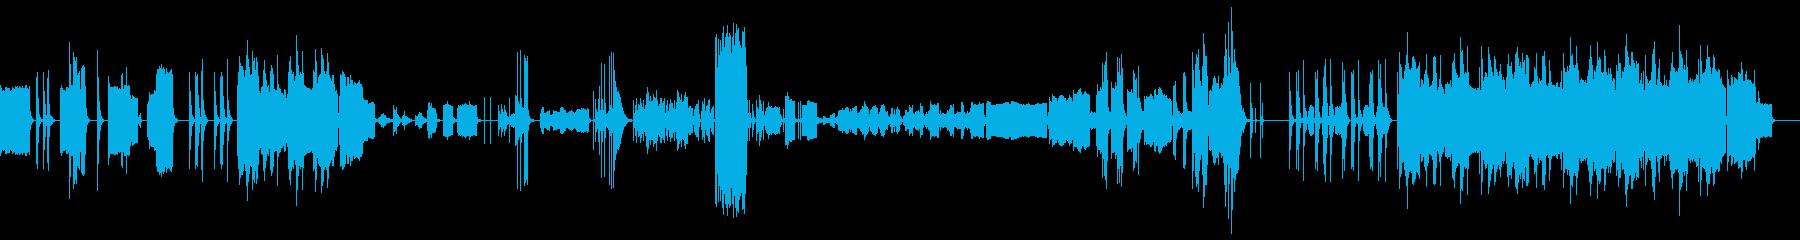 ドラマティックに展開する音楽の再生済みの波形